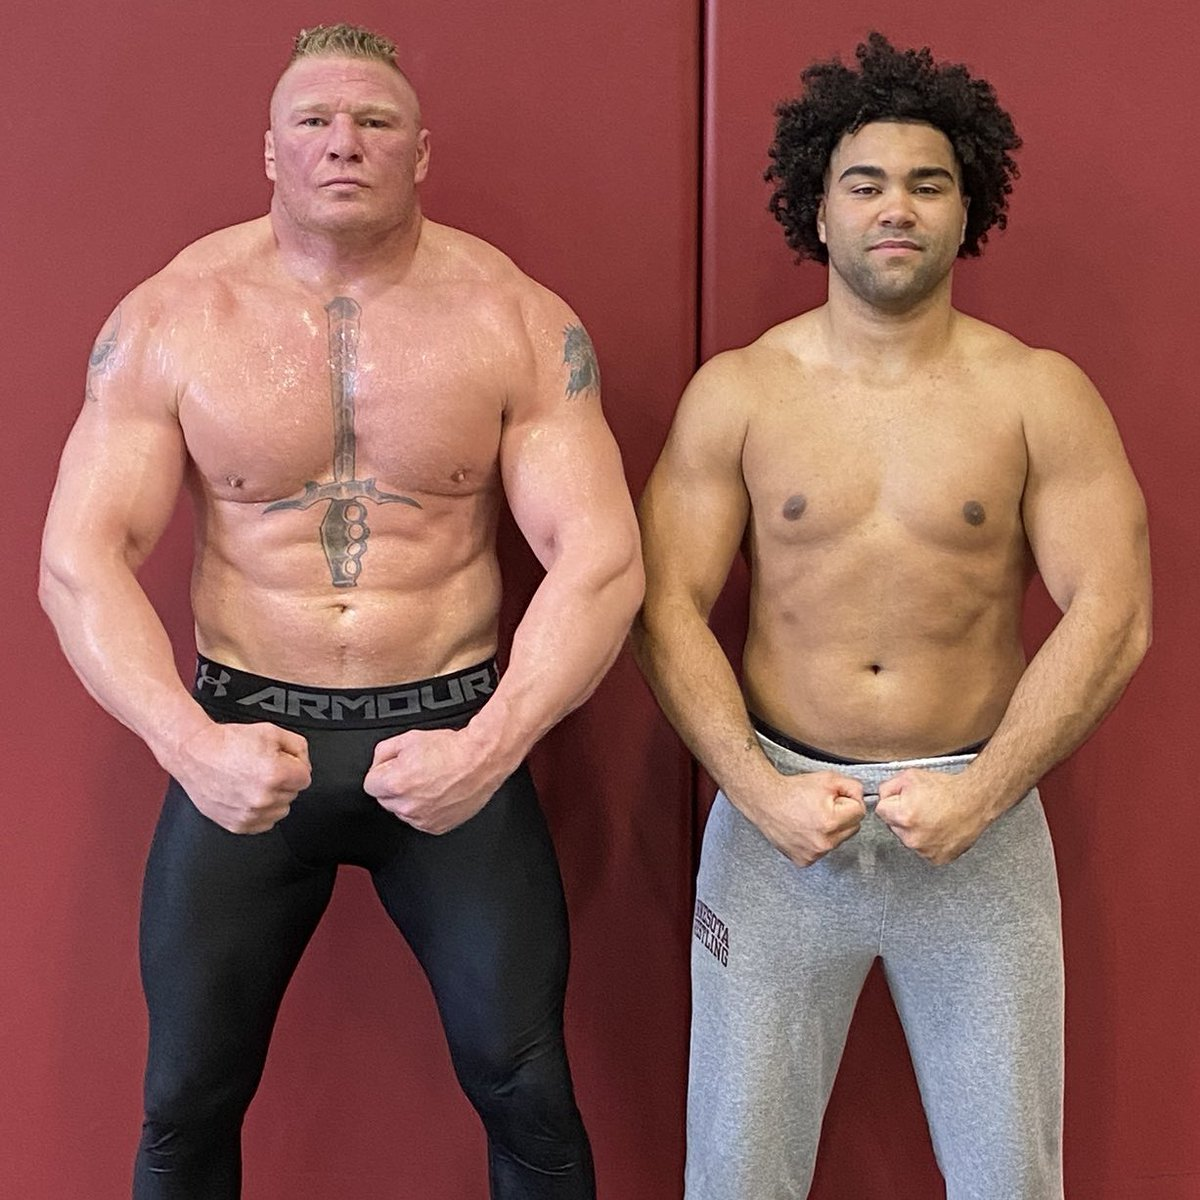 Friendly reminder that Brock Lesnar is a genetic freak. 👀 (via @GSteveson)